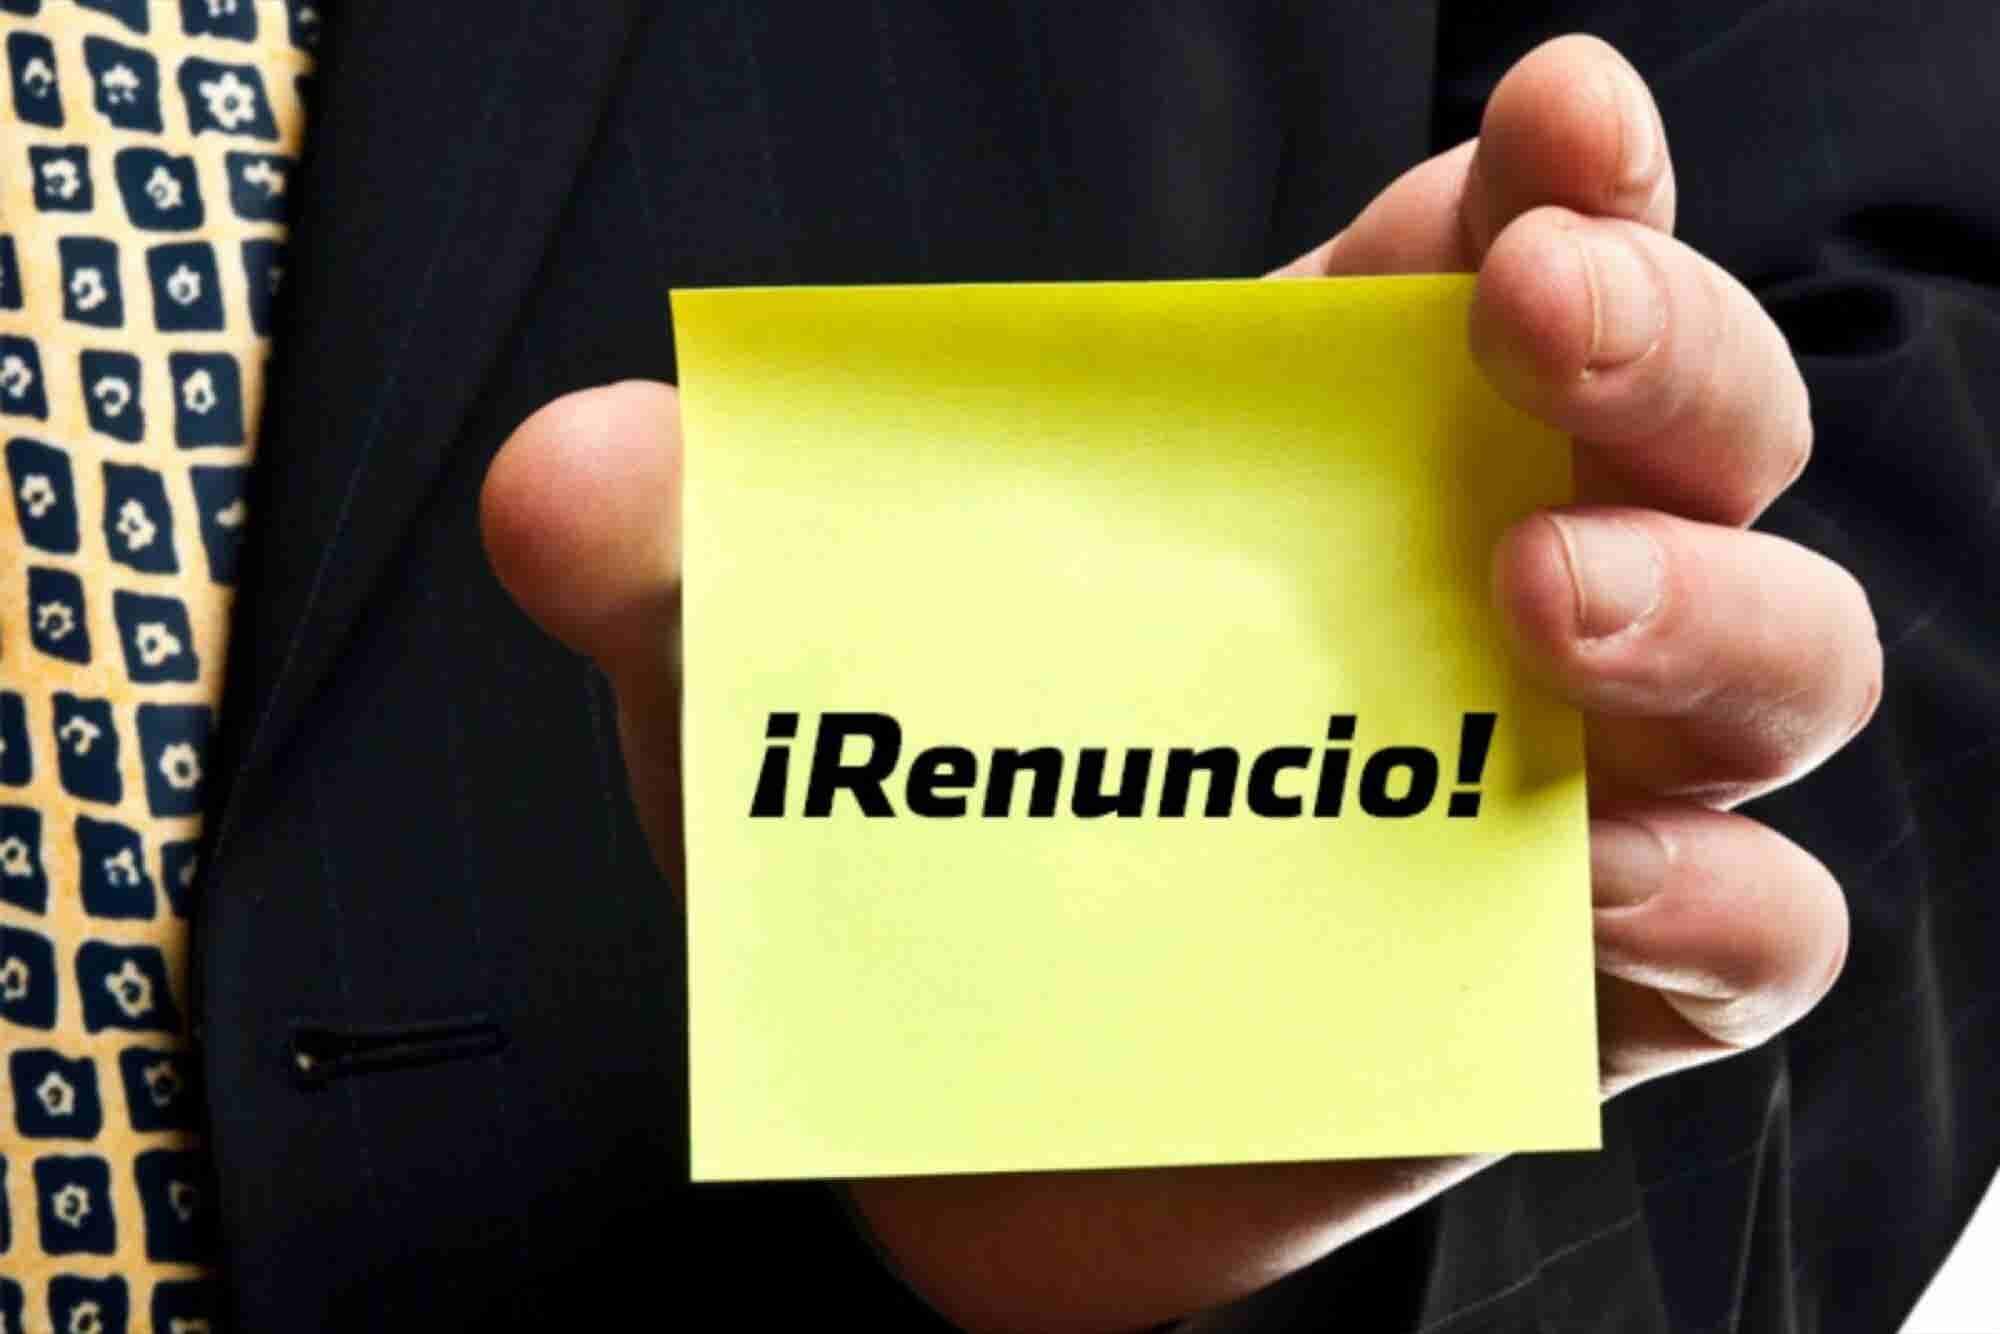 6 claves para renunciar a un trabajo